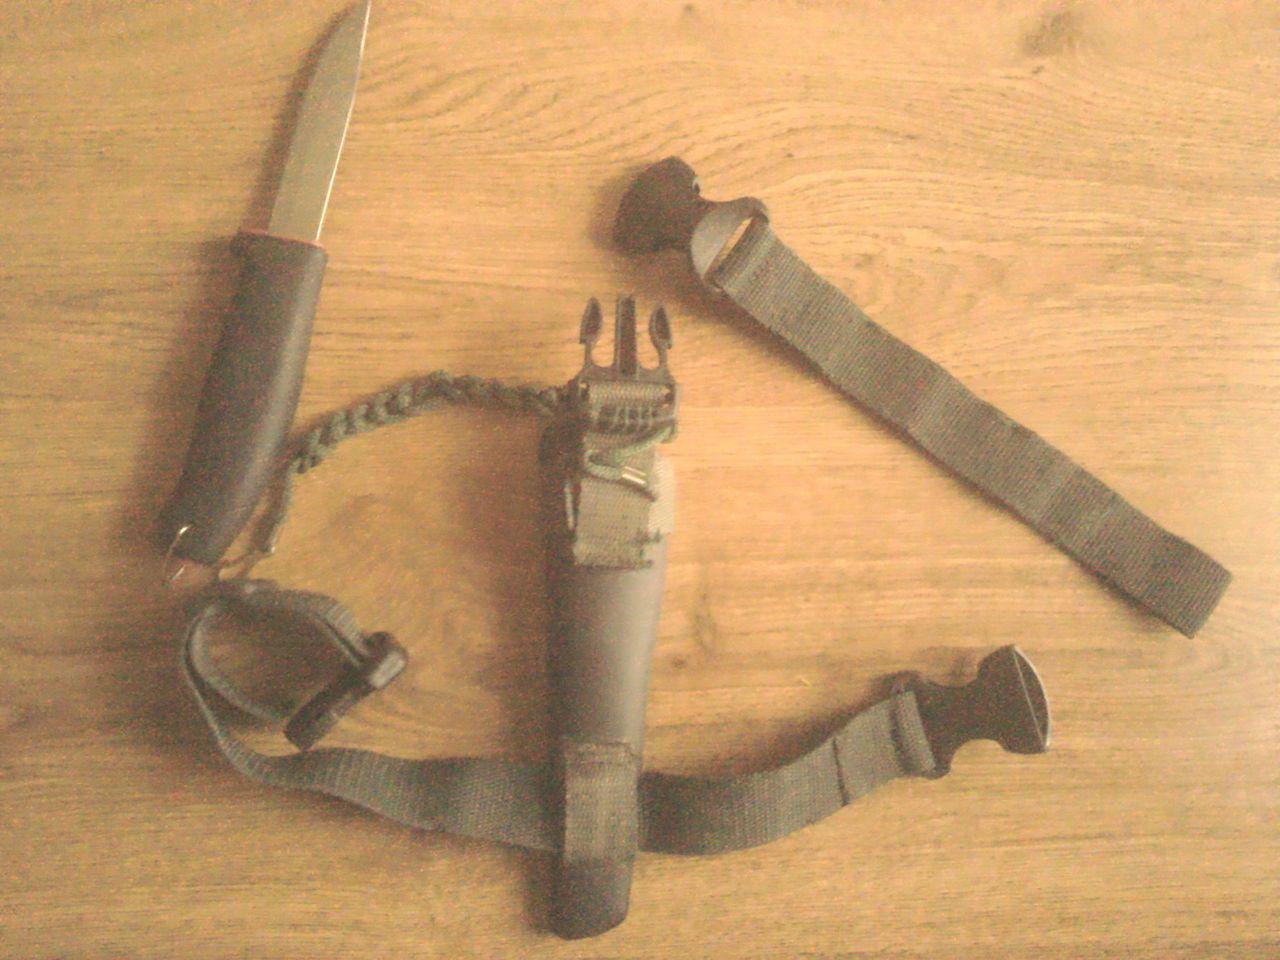 Система для скрытого ношения ножа своими руками